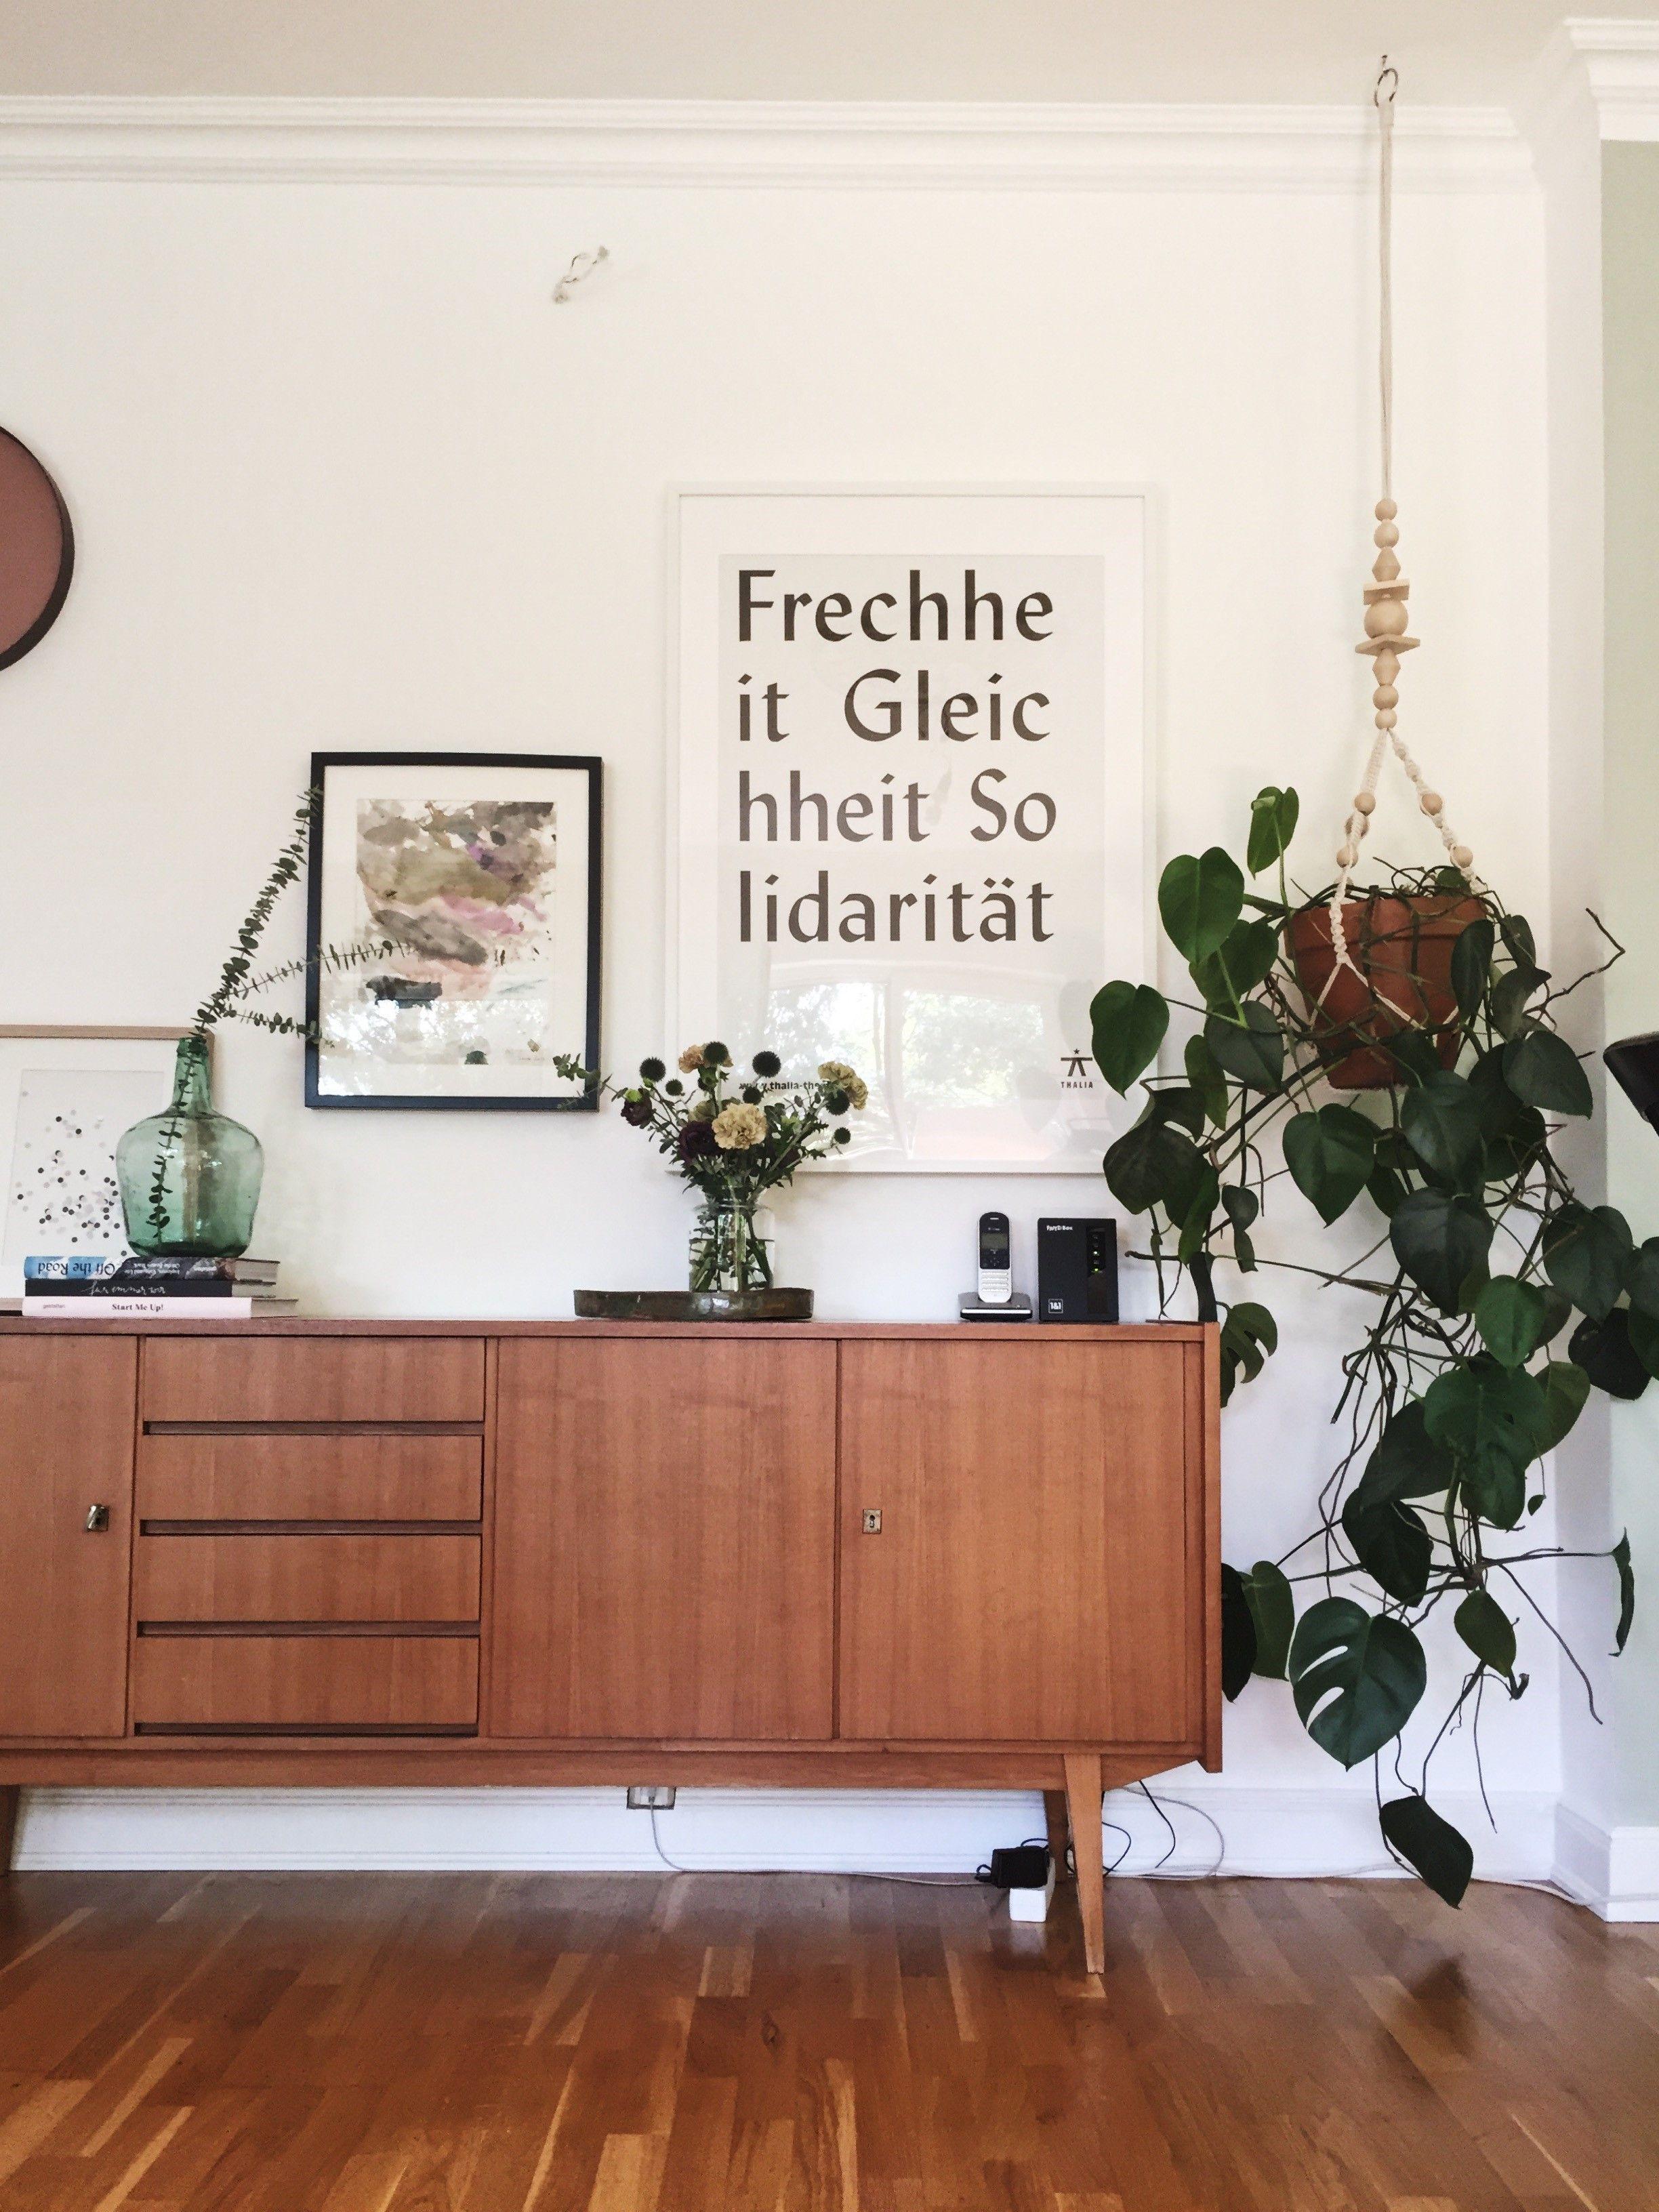 Retro Möbel feiern ihr Revival! Retro Wohnzimmer mit Vintage MÃ